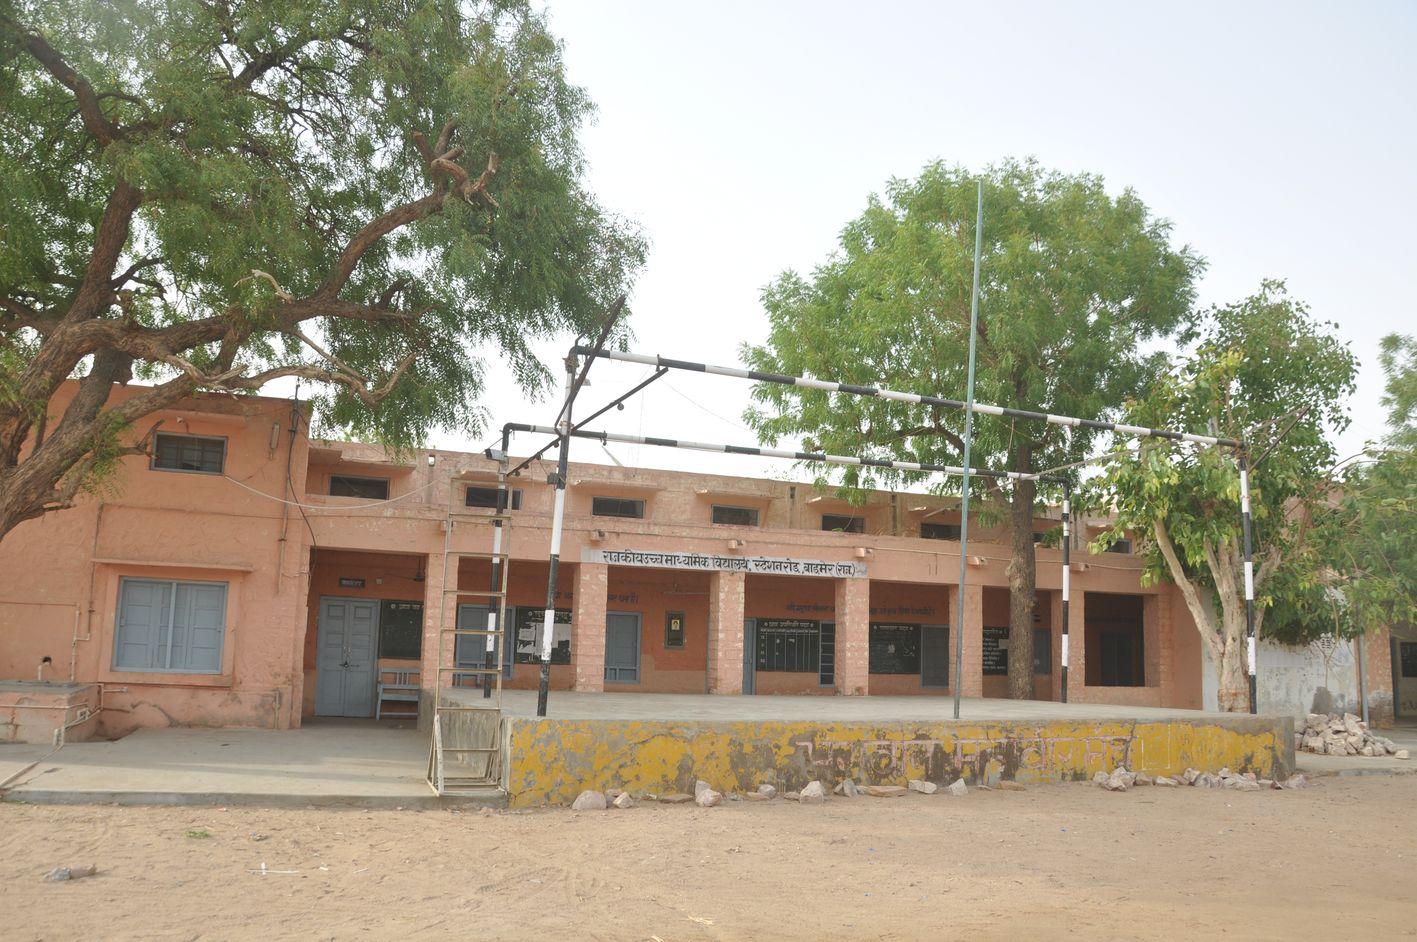 स्कूलों में प्रतिबंधित पॉलीथिन कैरी बैग पर निदेशालय ने लगाई रोक-